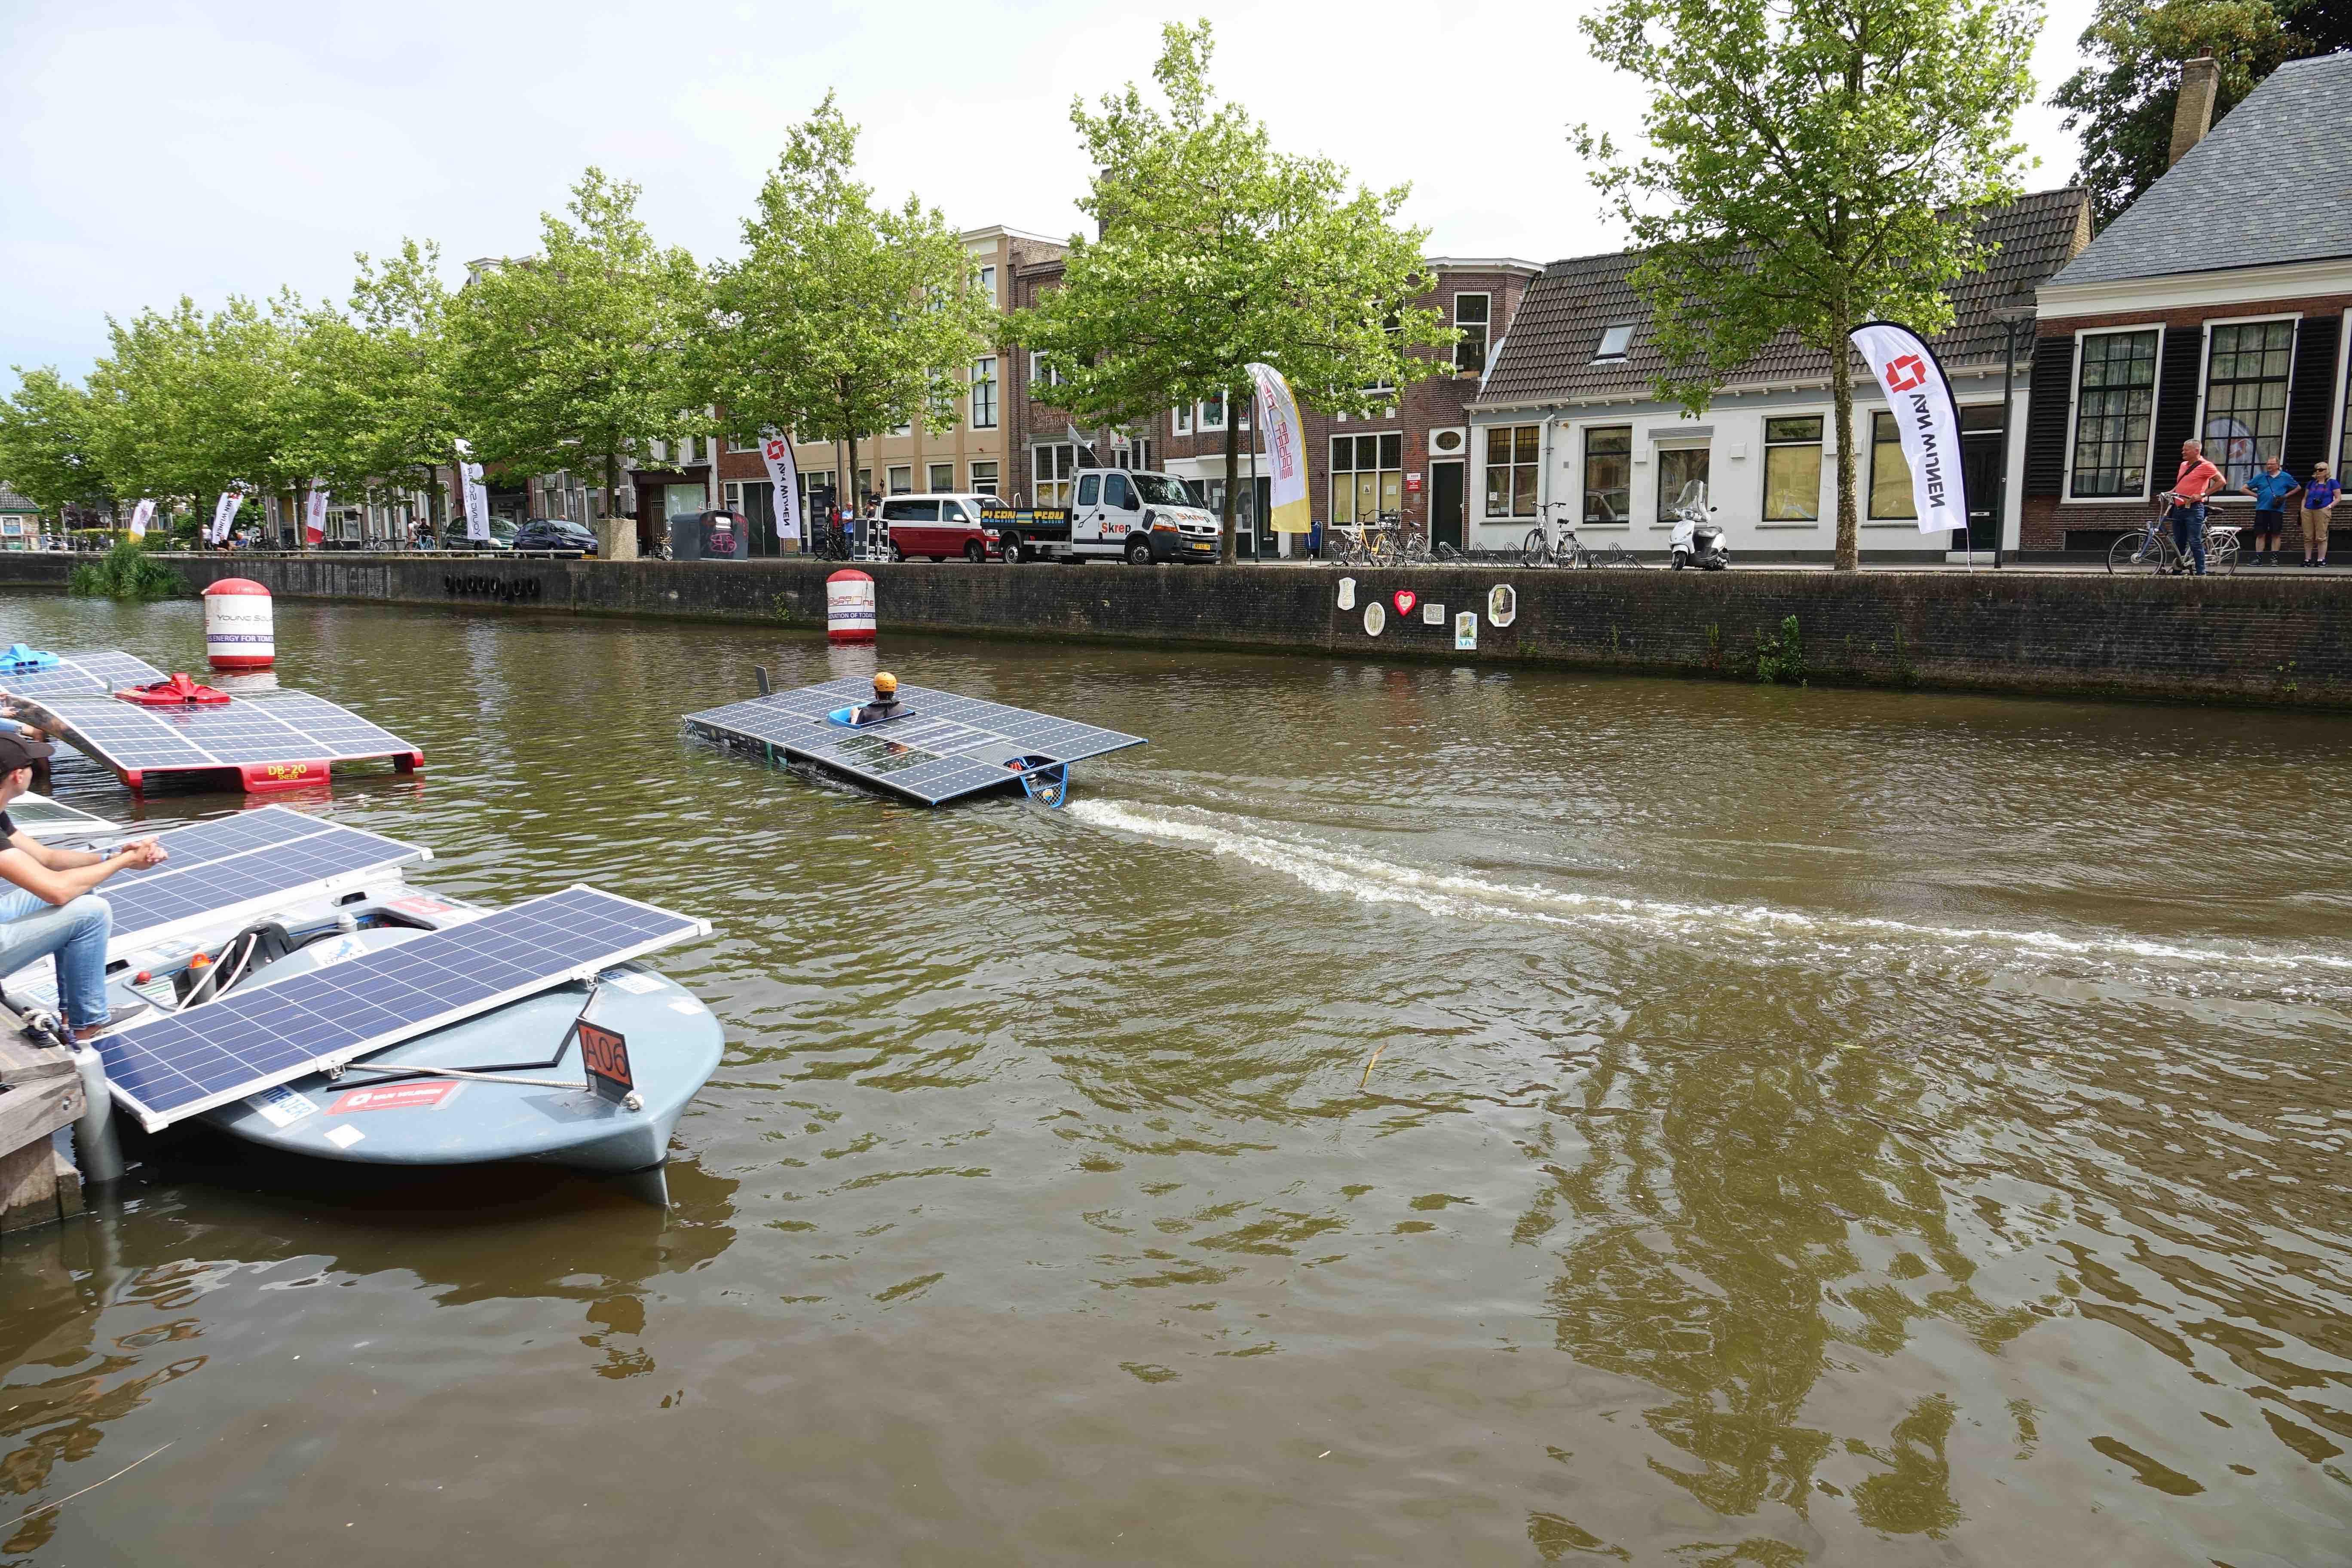 NaGa Solar - Dutch Solar Boat 06072018#DSC05634